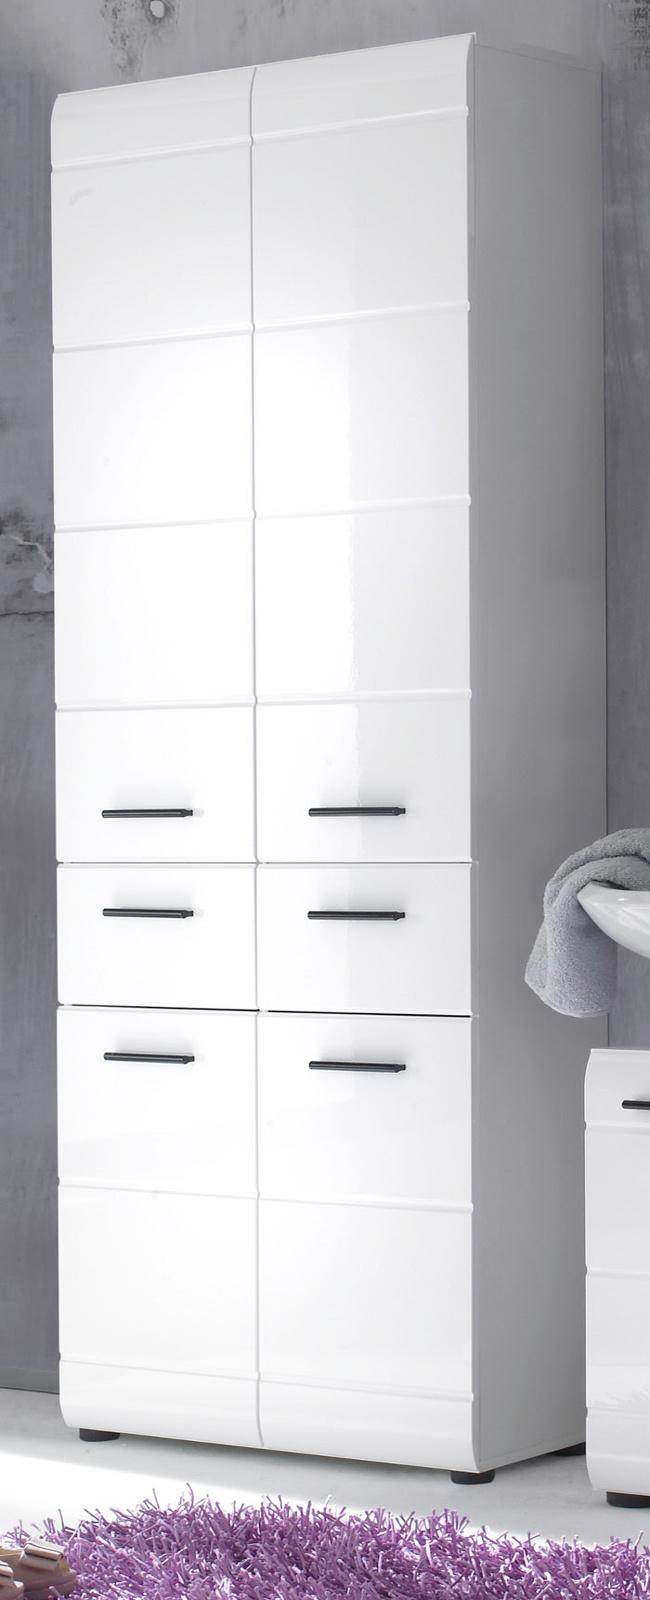 hochschrank weiss hochglanz bad badezimmer schrank badm bel skin 4 t rig 60 cm ebay. Black Bedroom Furniture Sets. Home Design Ideas